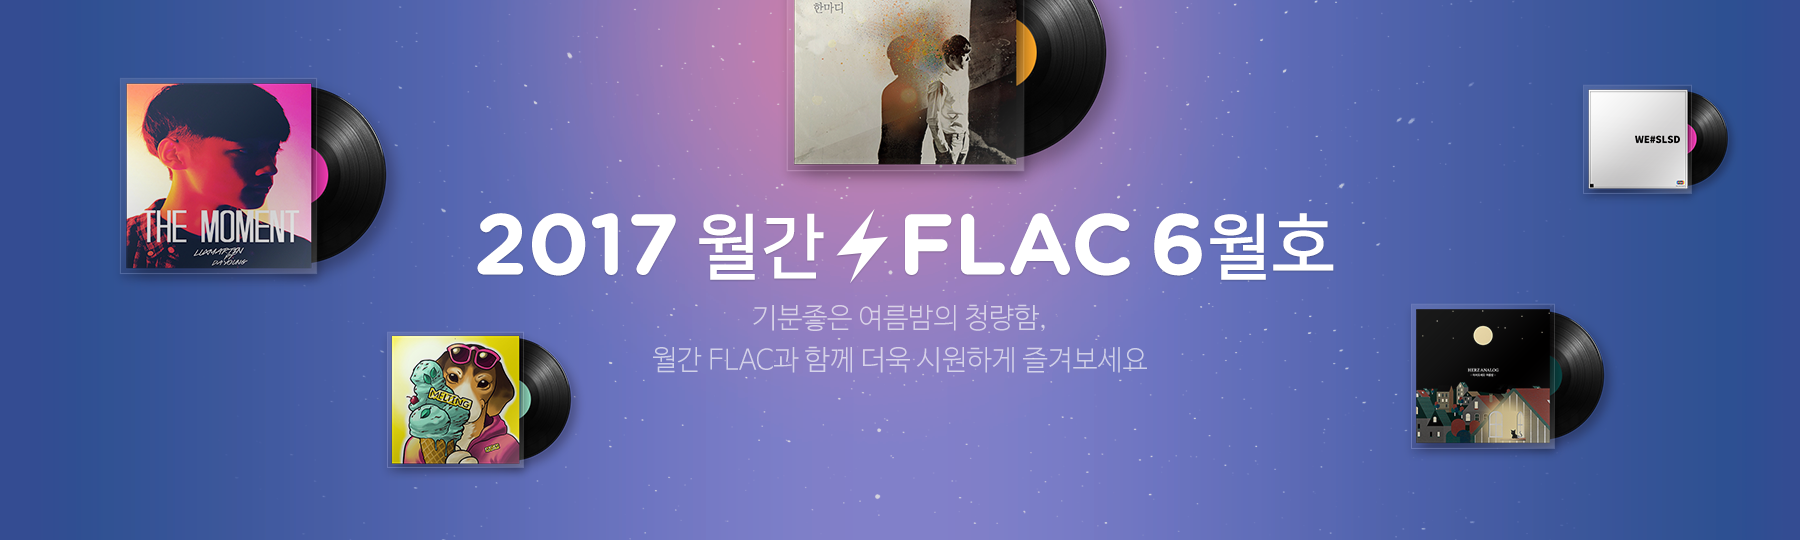 2017 월간 FLAC 6월호